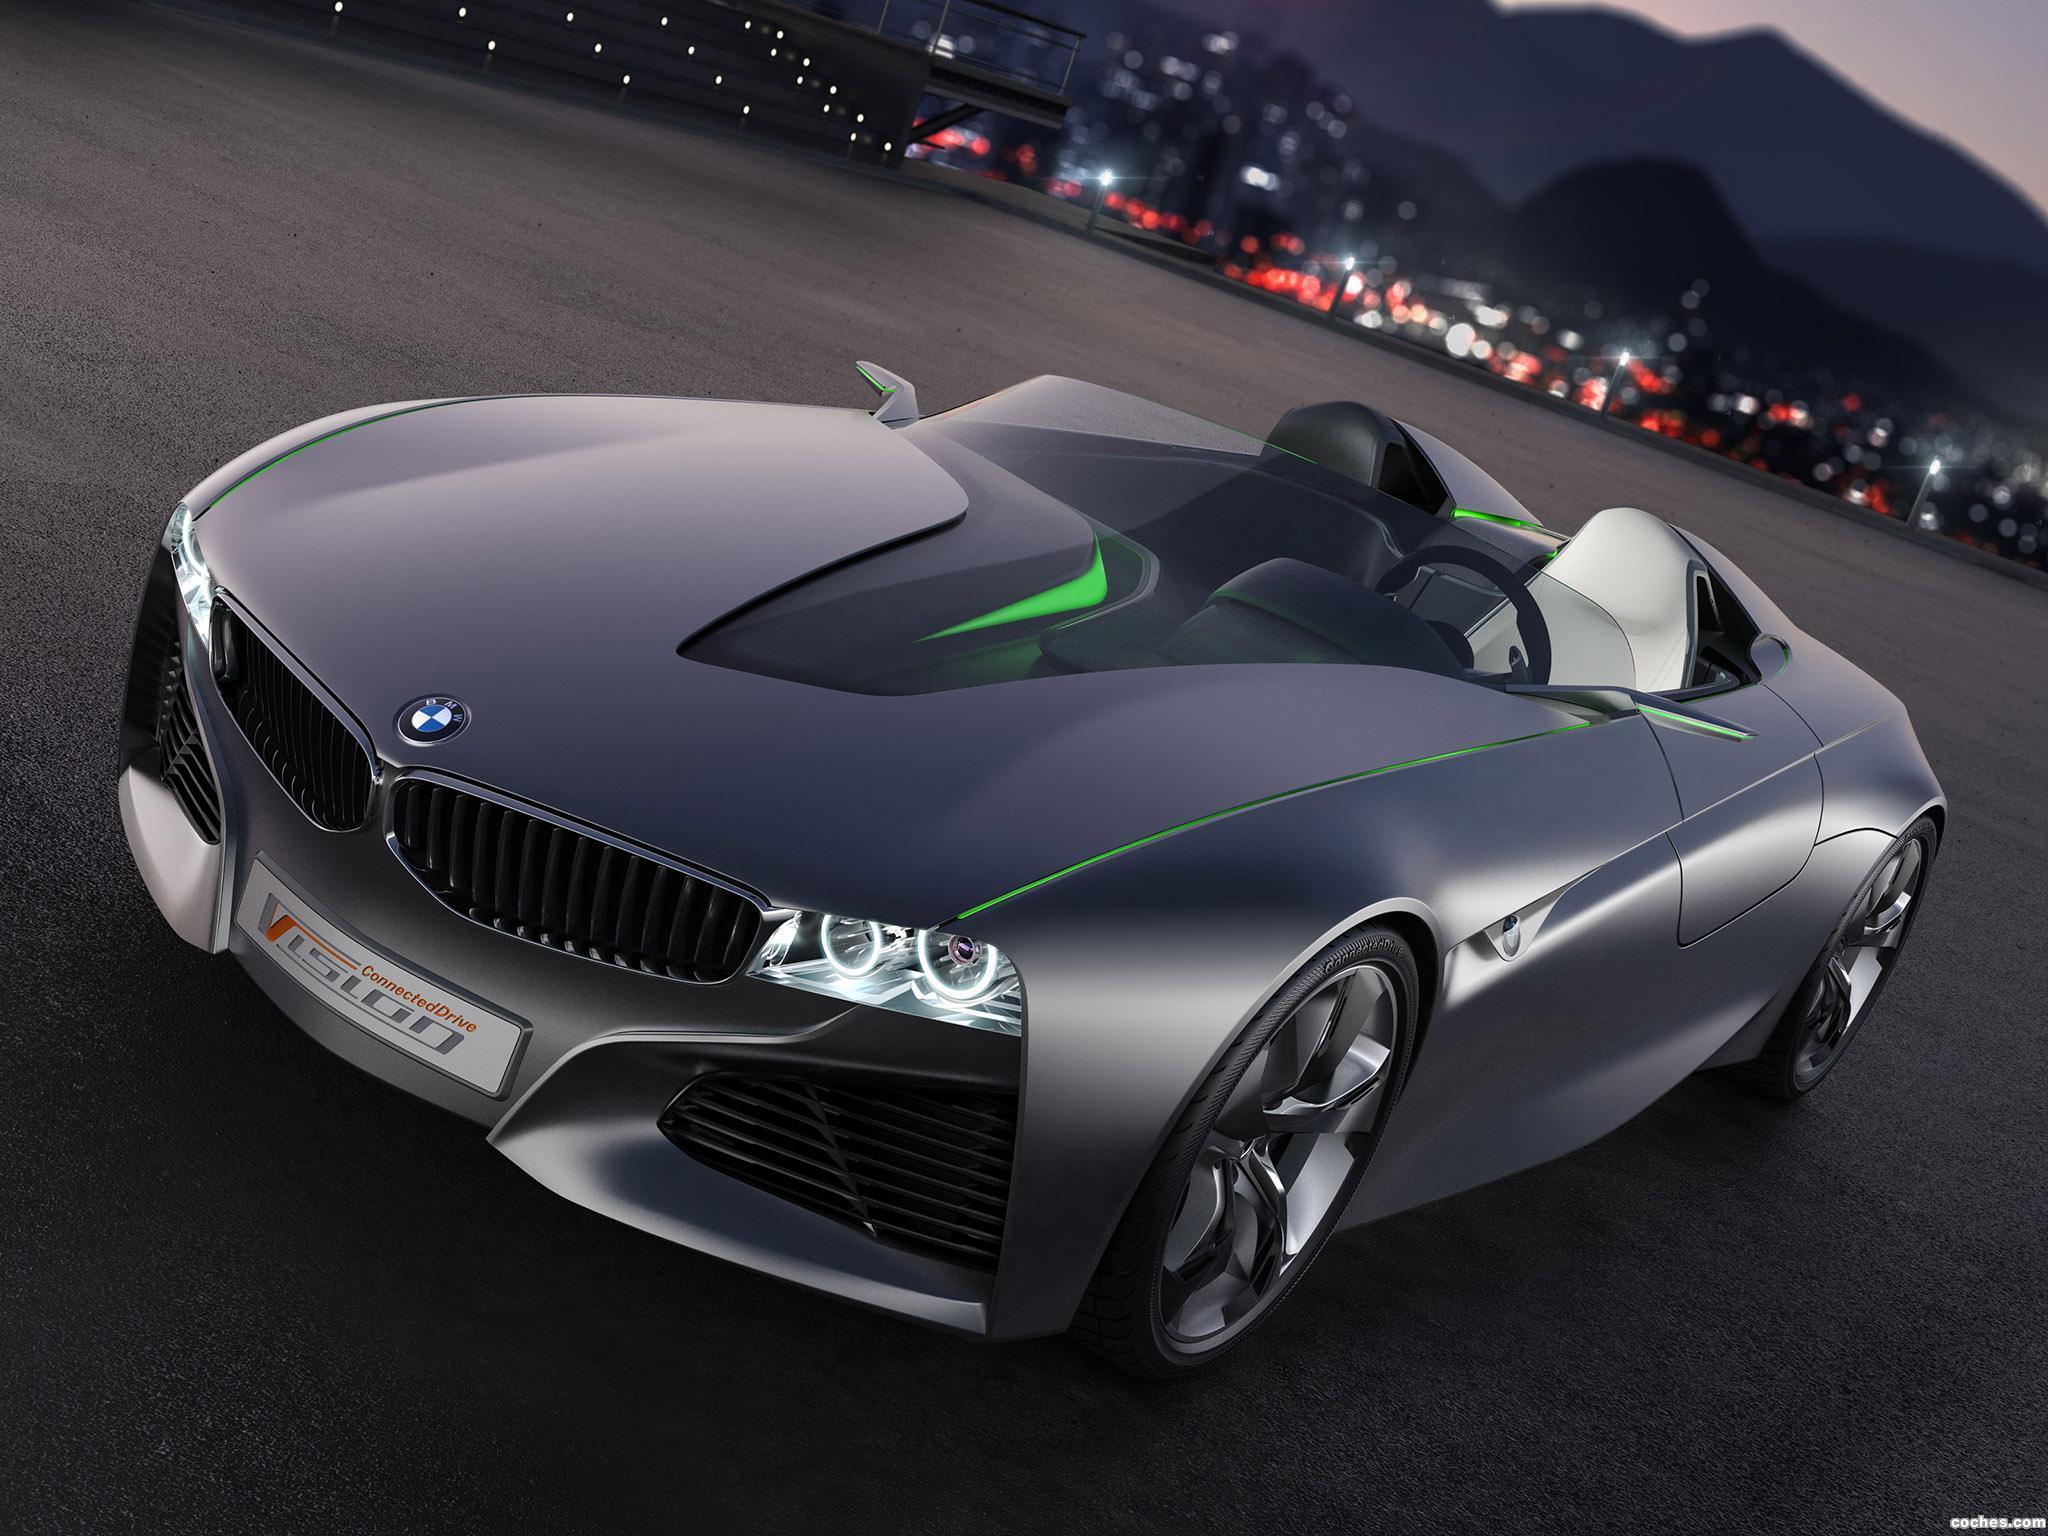 Foto 0 de BMW Vision Connected Drive Concept 2011